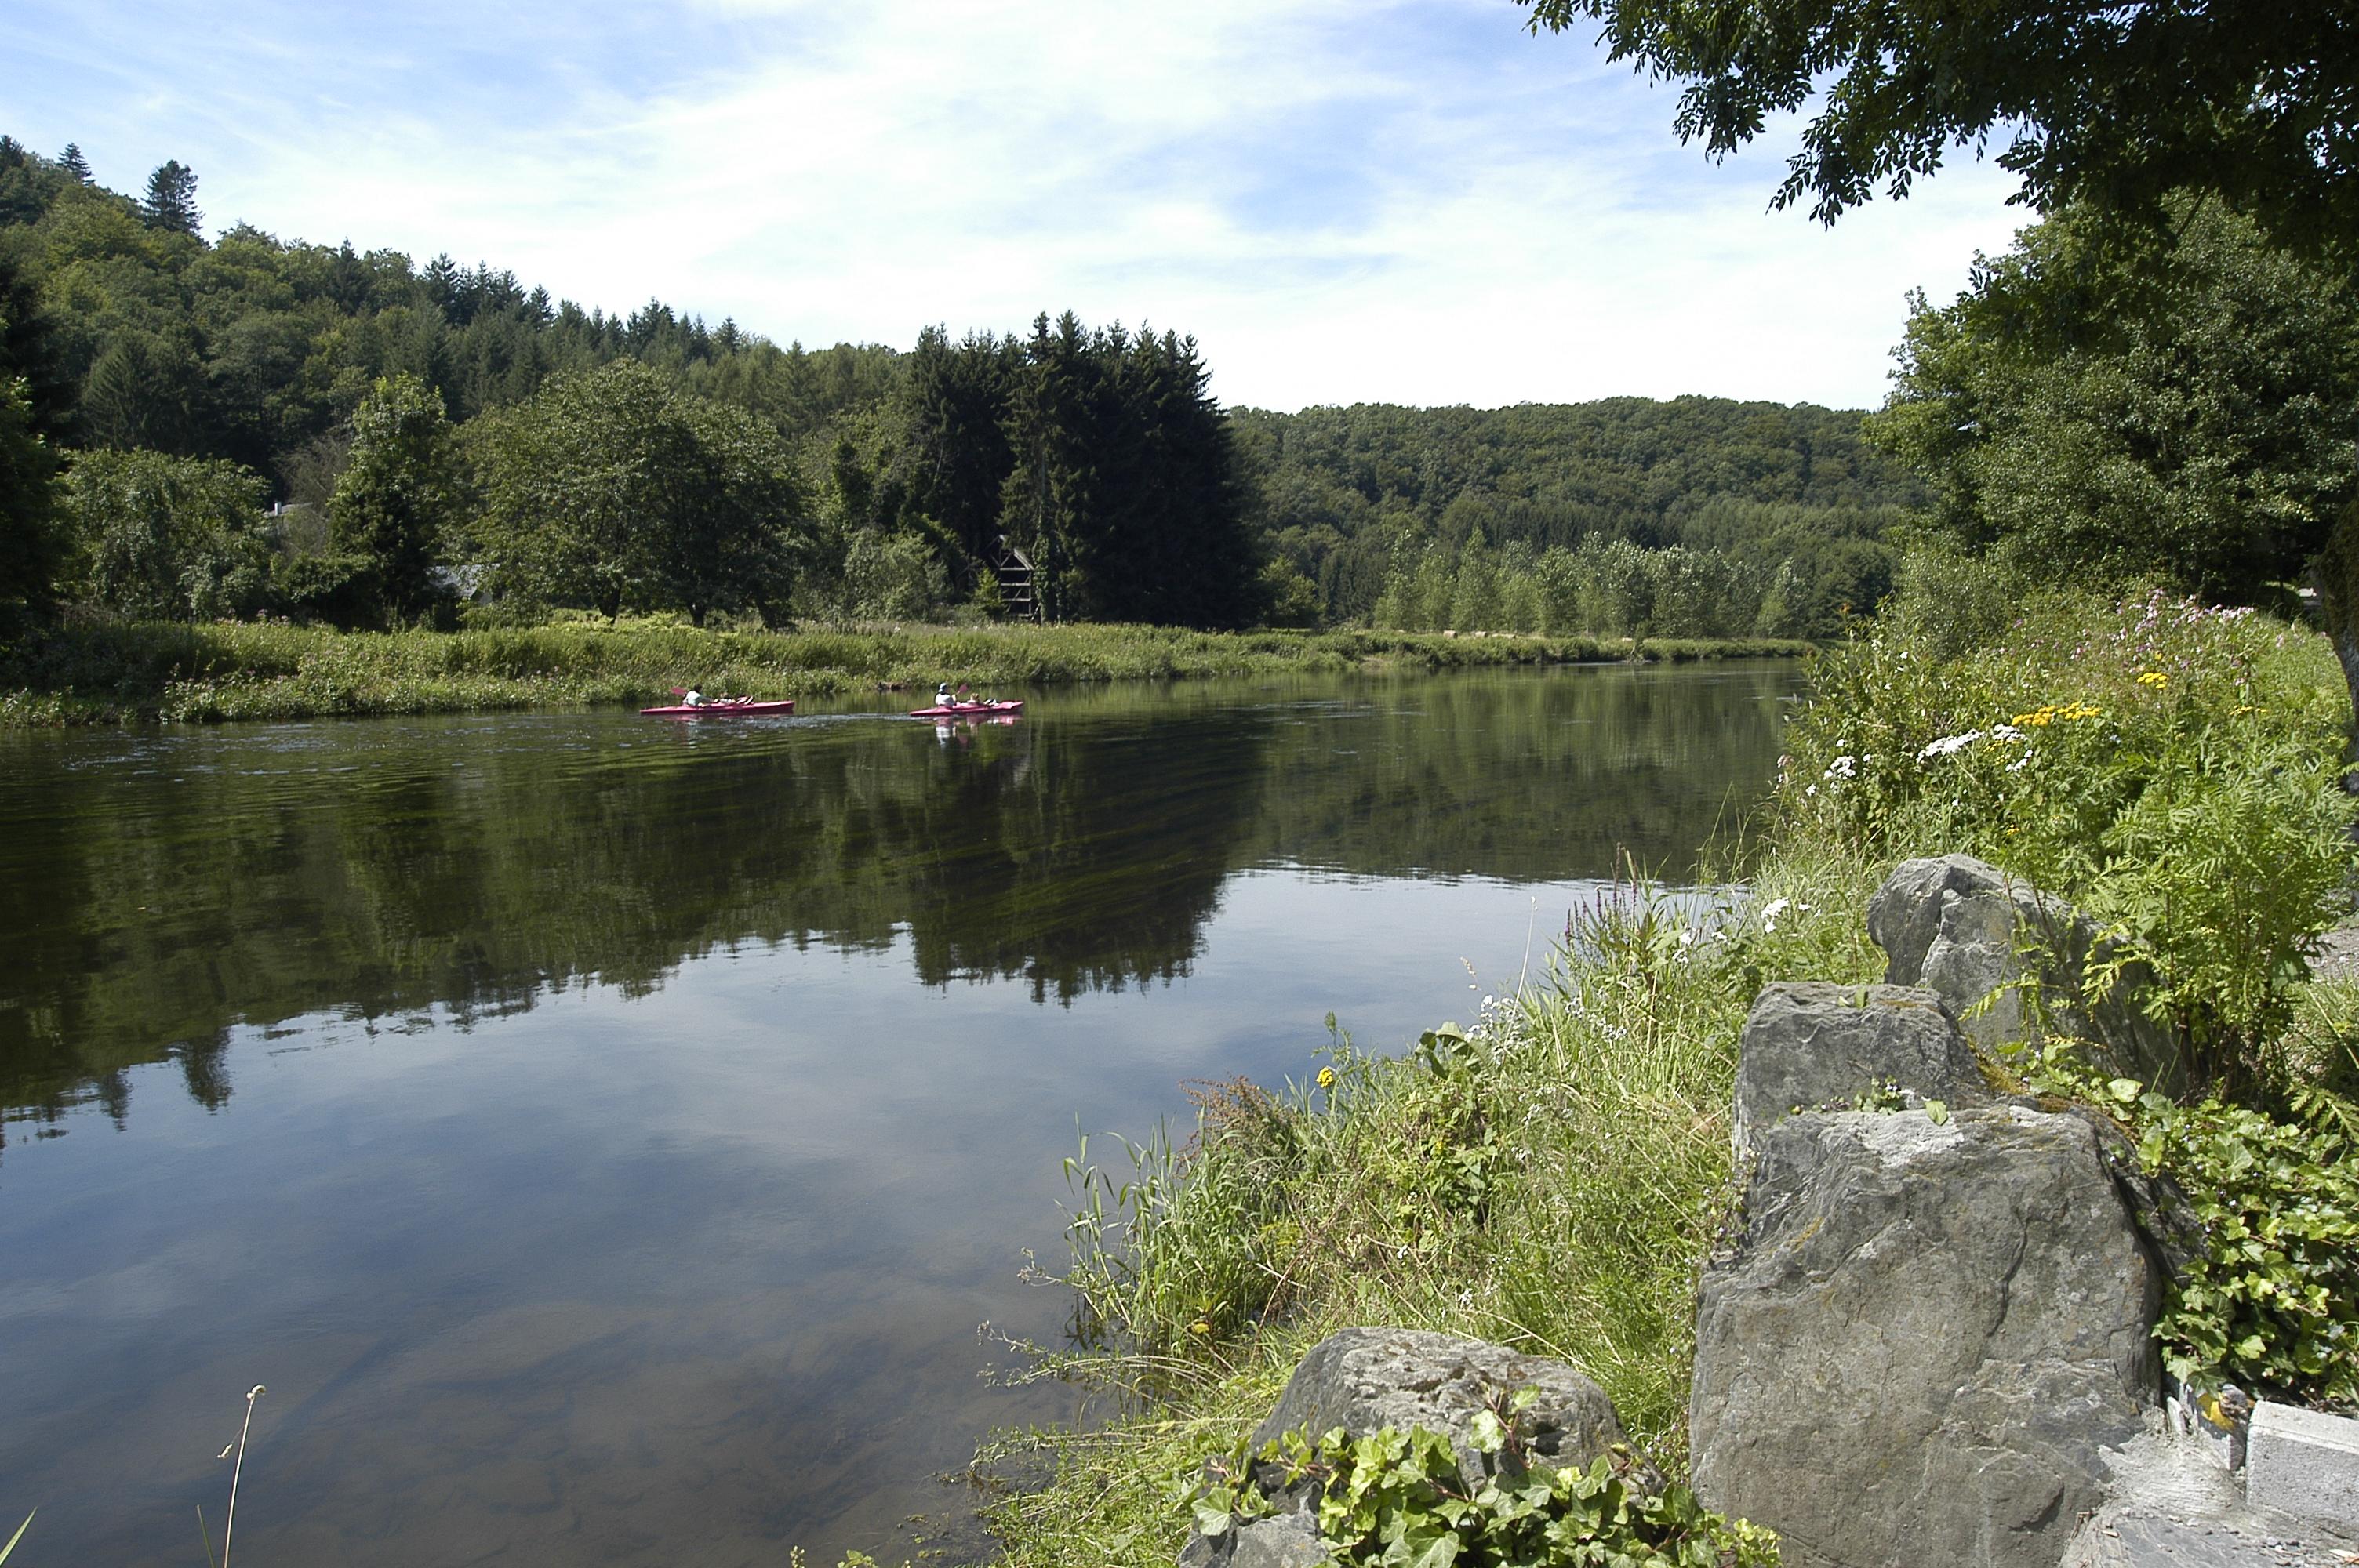 kayaks sur l'eau et arbres